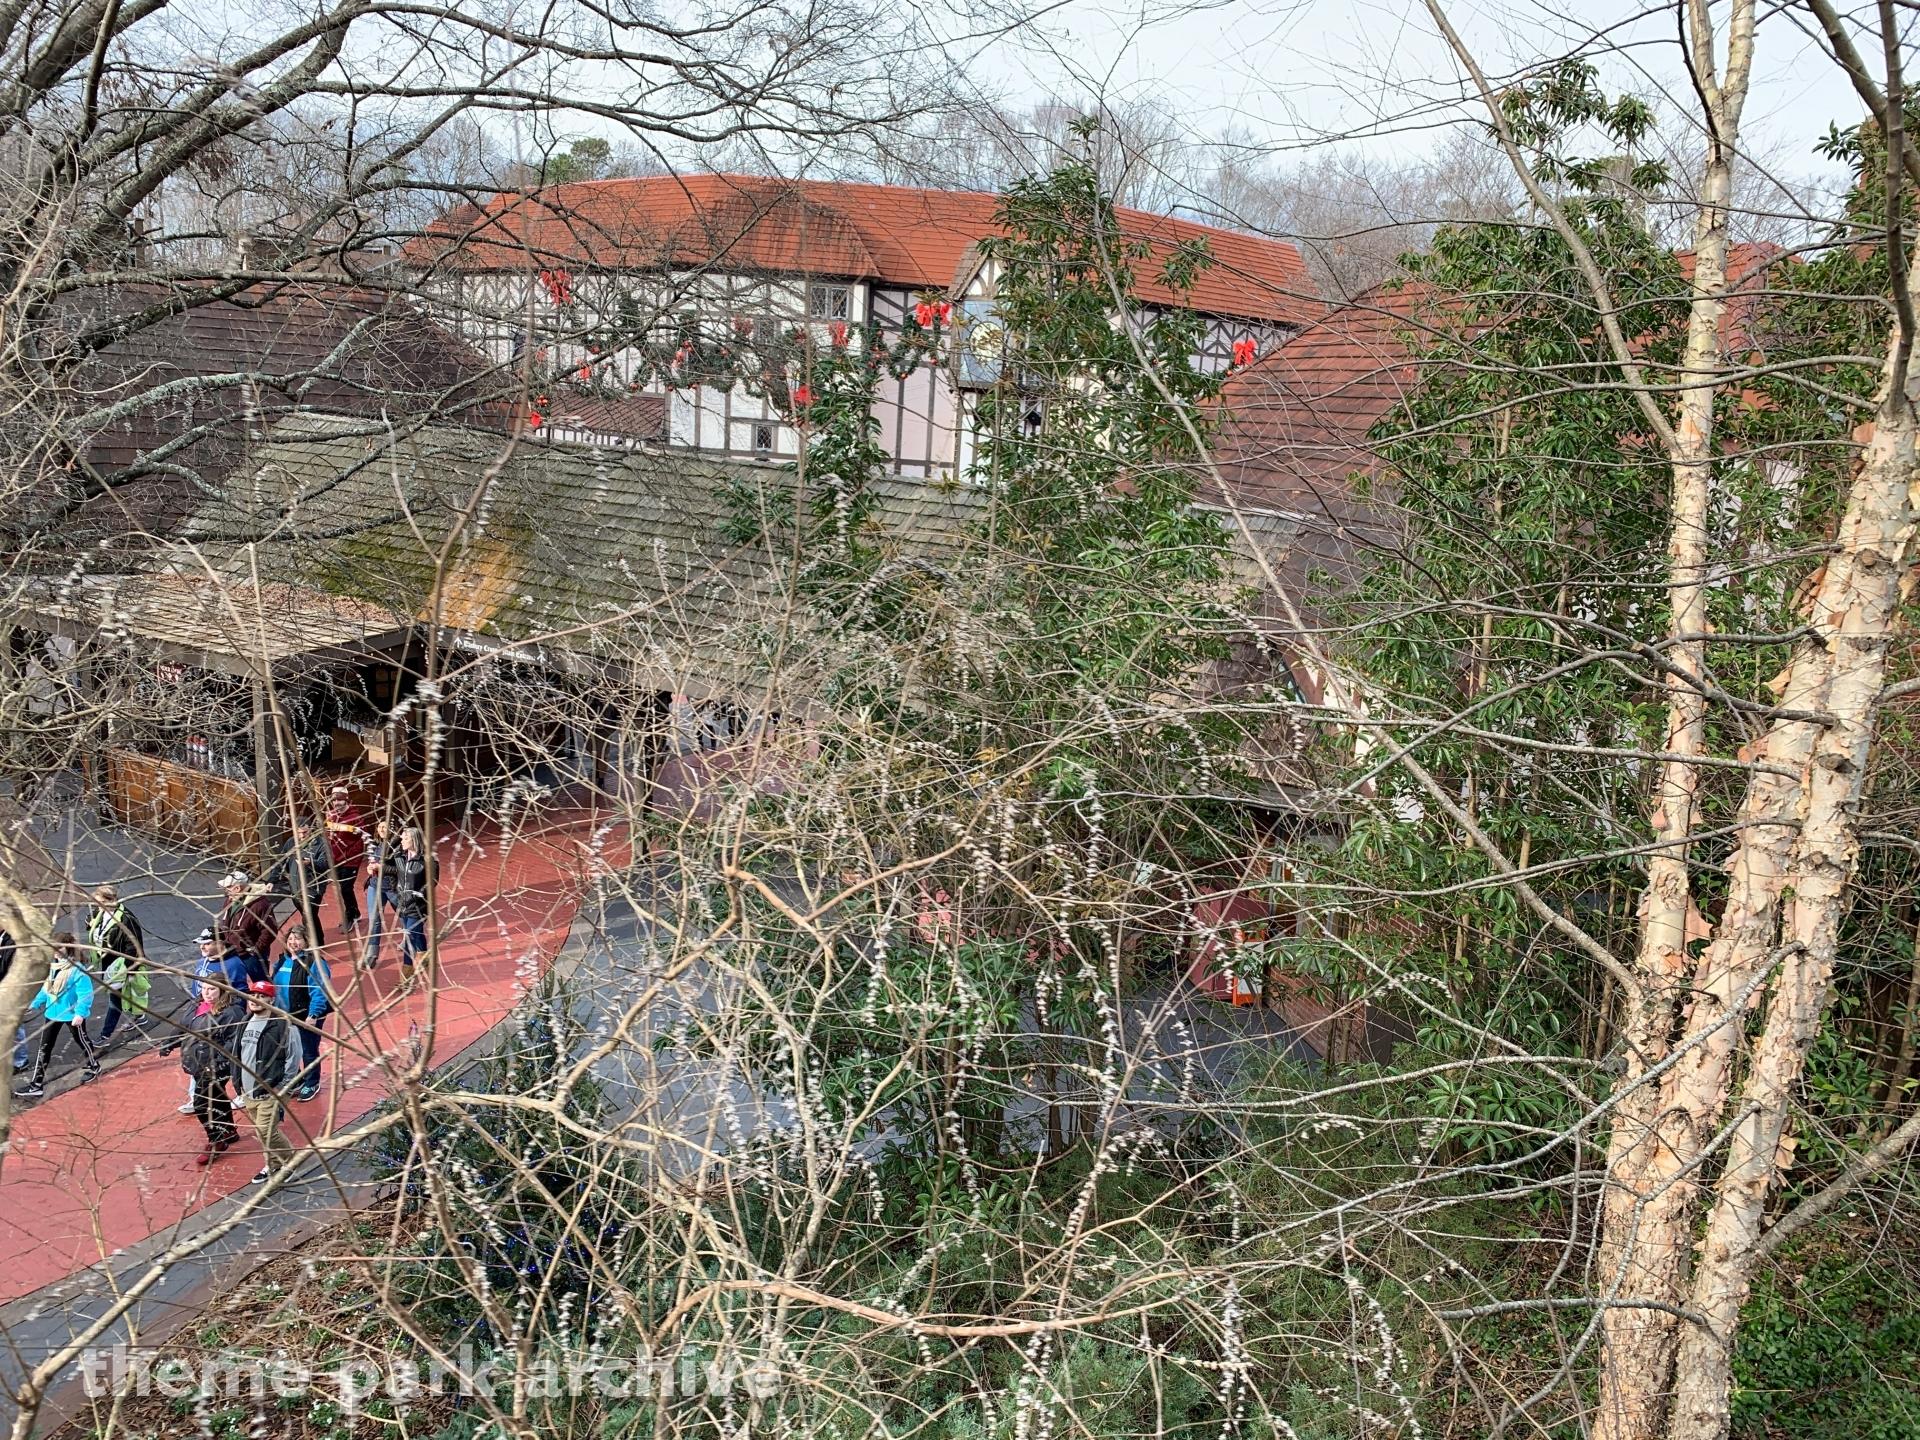 Skyride at Busch Gardens Williamsburg